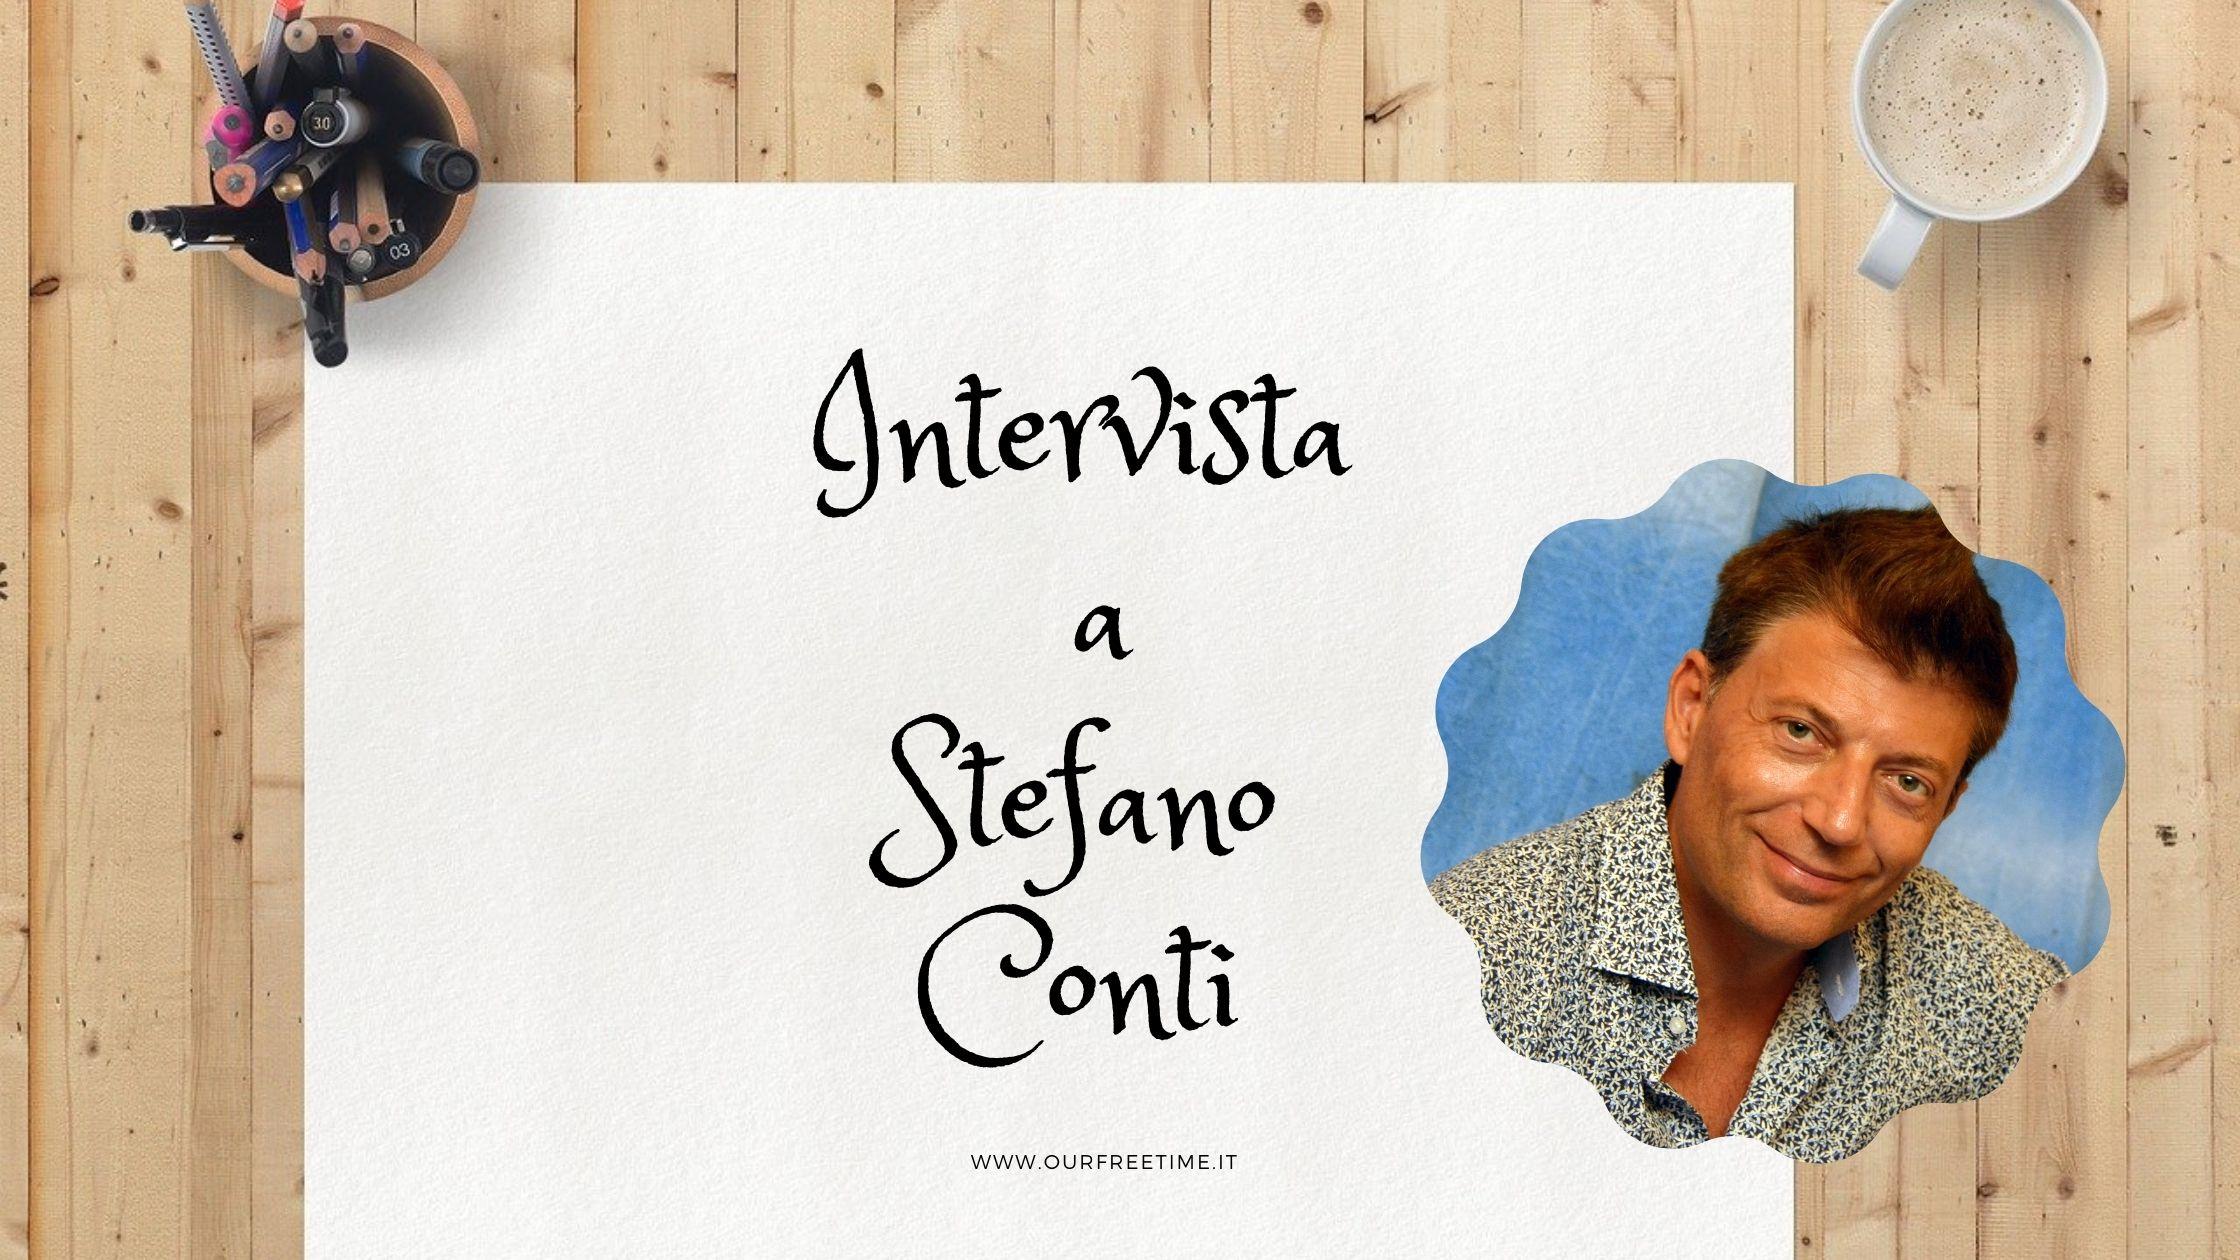 Stefano Conti intervista